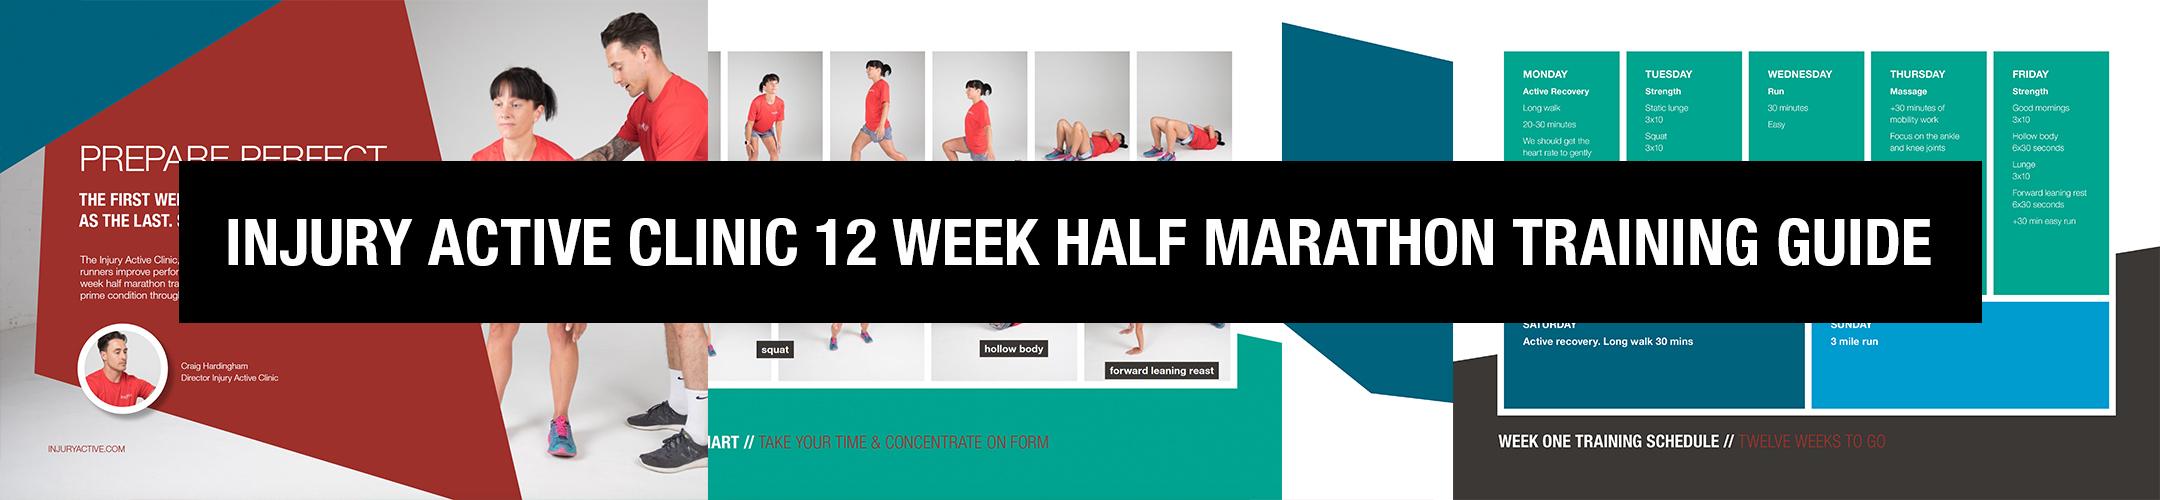 FREE 12 WEEK HALF MARATHON TRAINING GUIDE FROM INJURYACTIVE.CO.UK